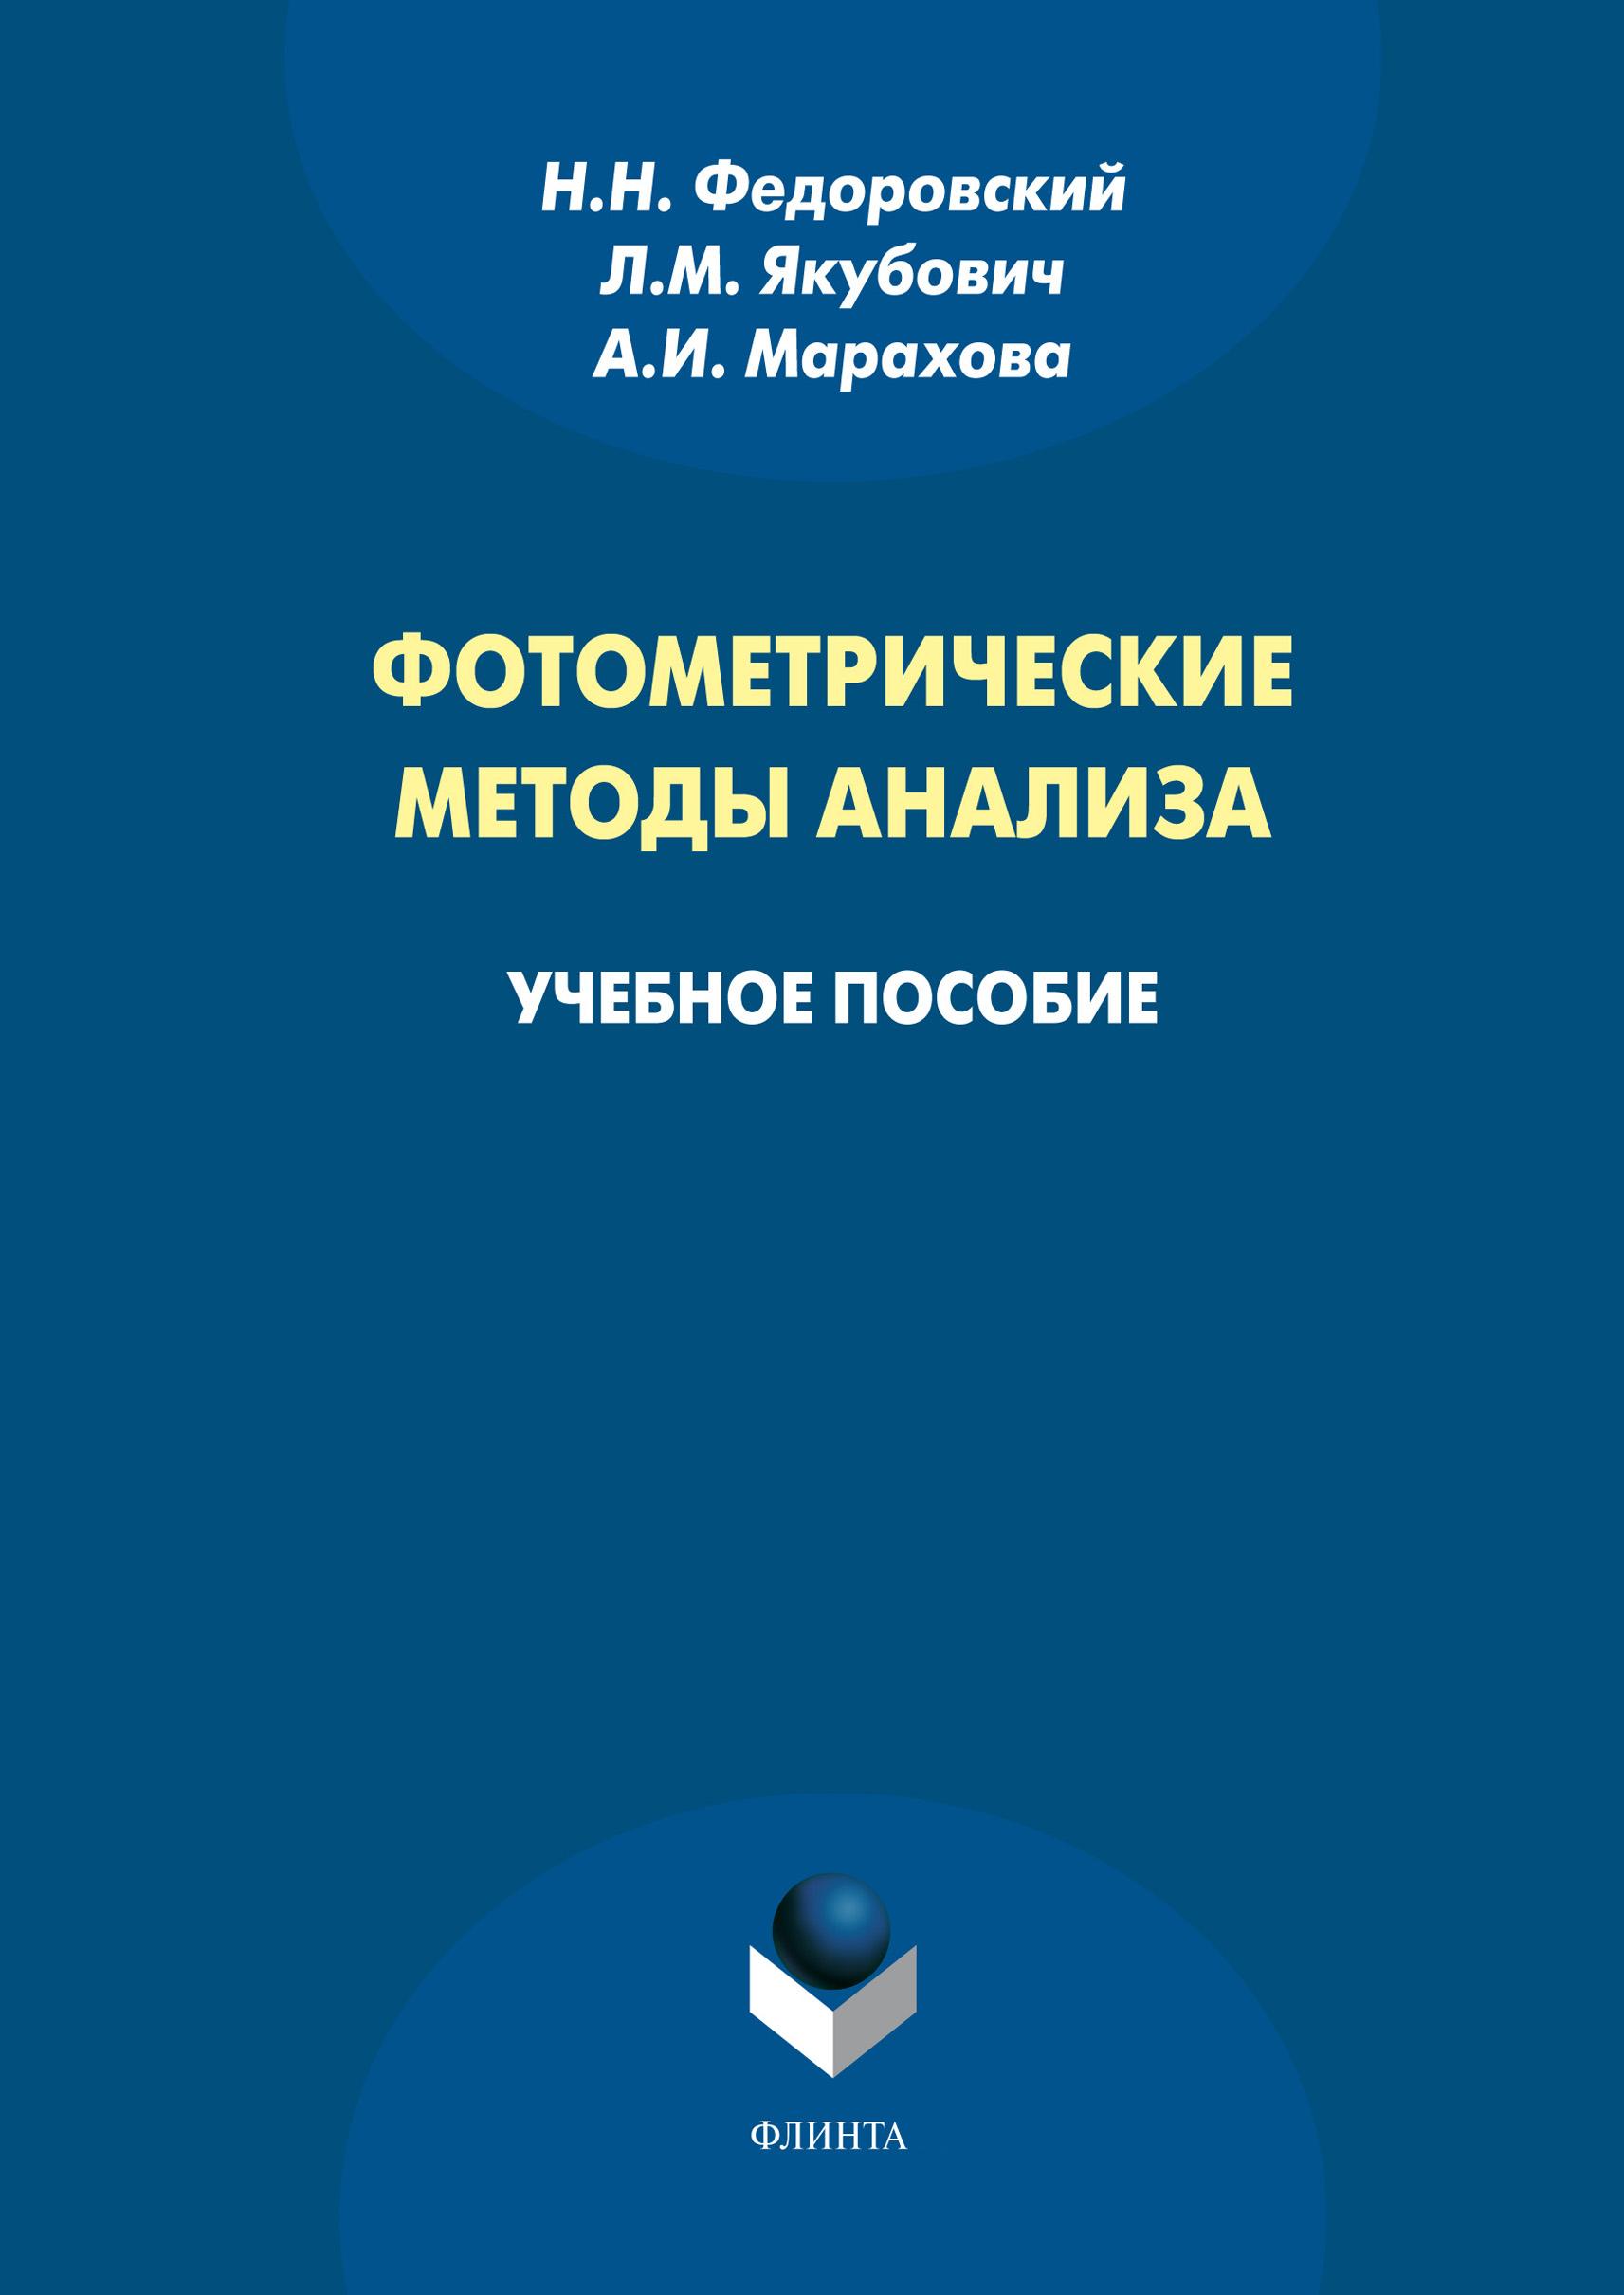 Фотометрические методы анализа: учебное пособие